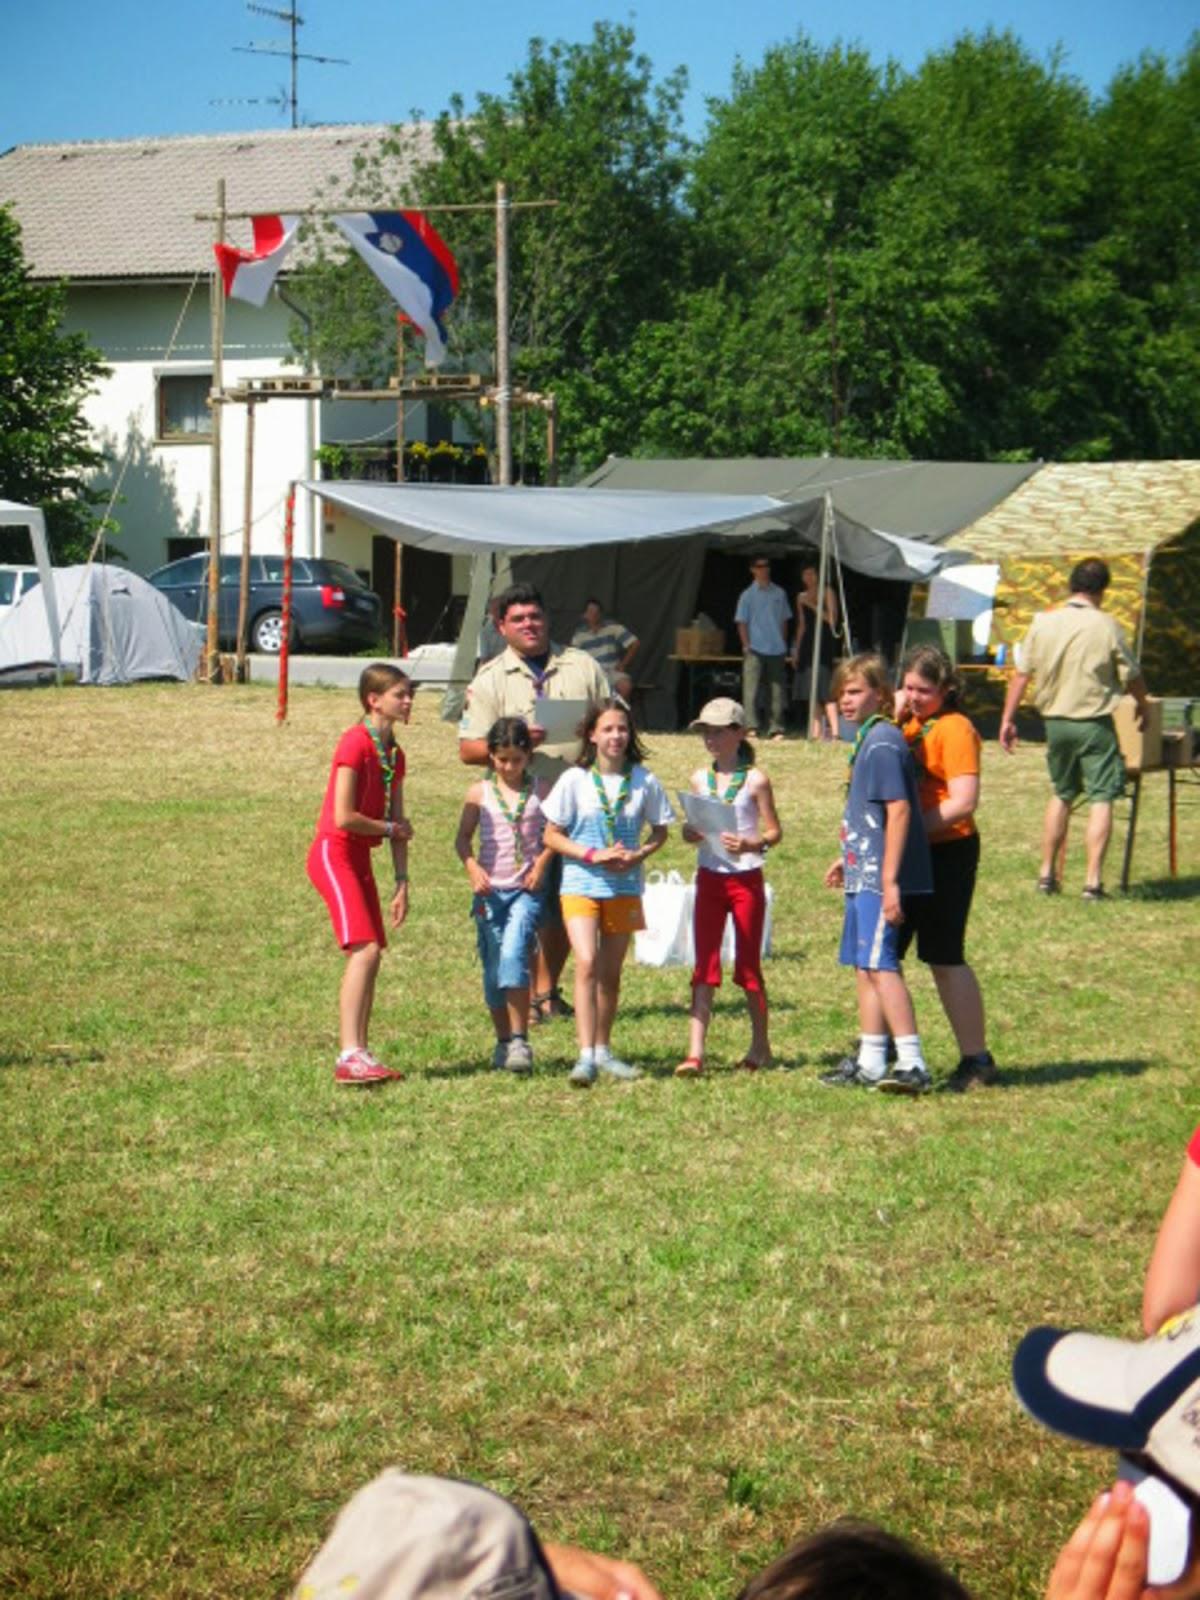 Državni mnogoboj, Slovenska Bistrica 2005 - Mnogoboj%2B2005%2B067.jpg